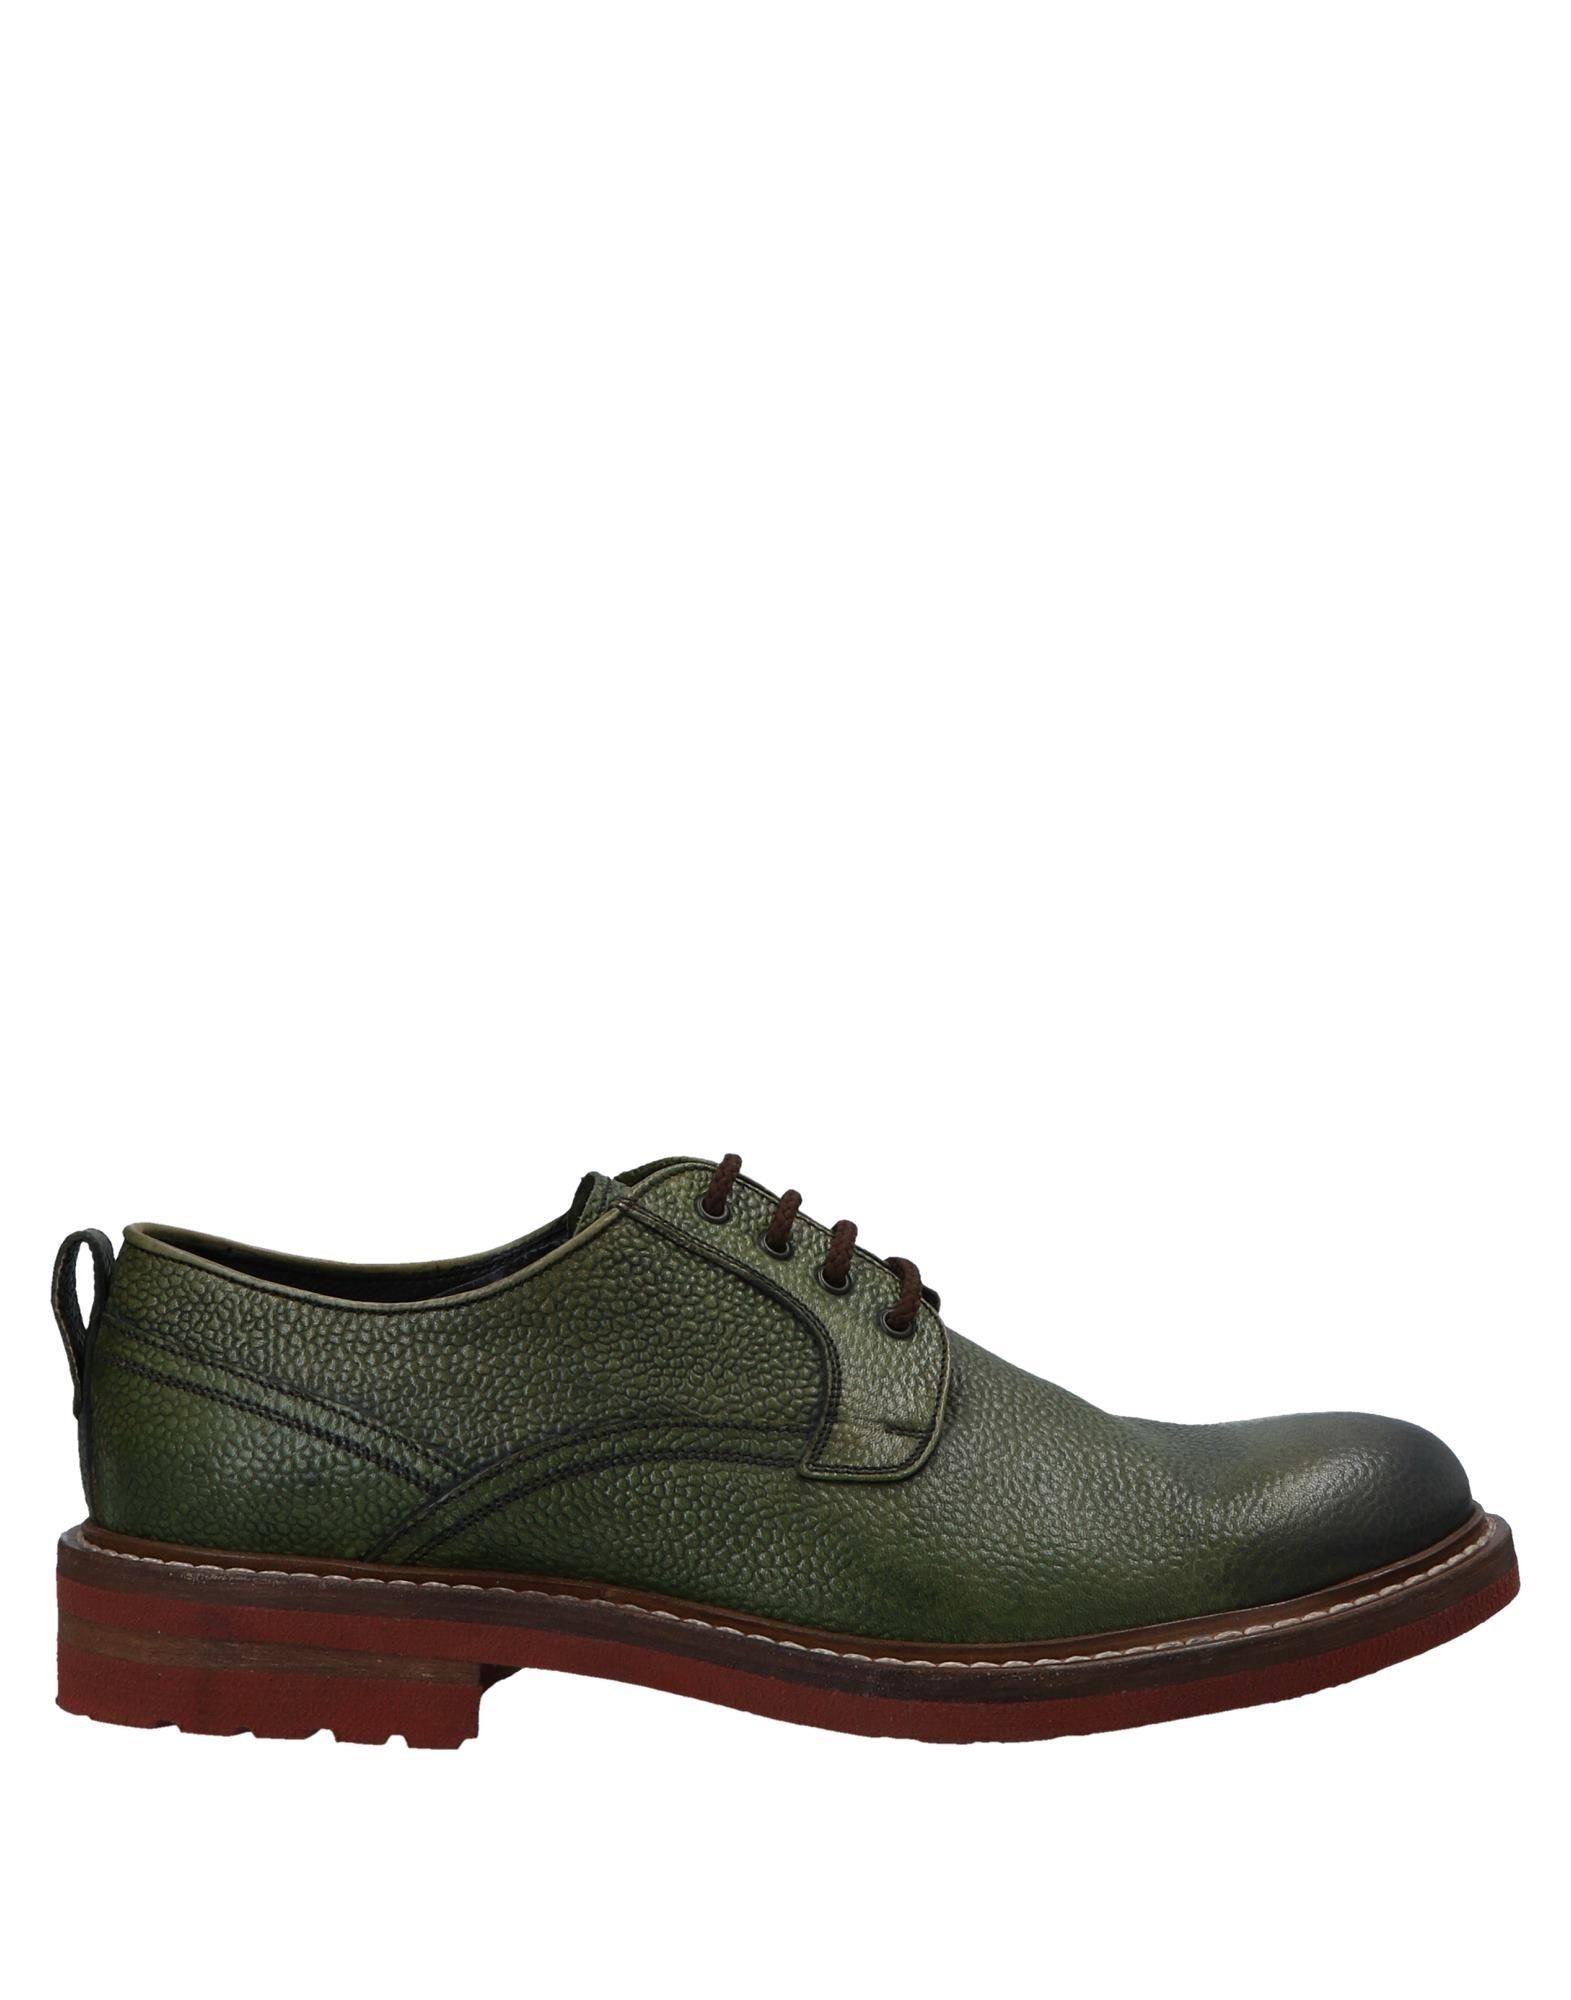 Rabatt echte Schuhe Crisci Schnürschuhe Herren Herren Herren  11554899KQ bca845